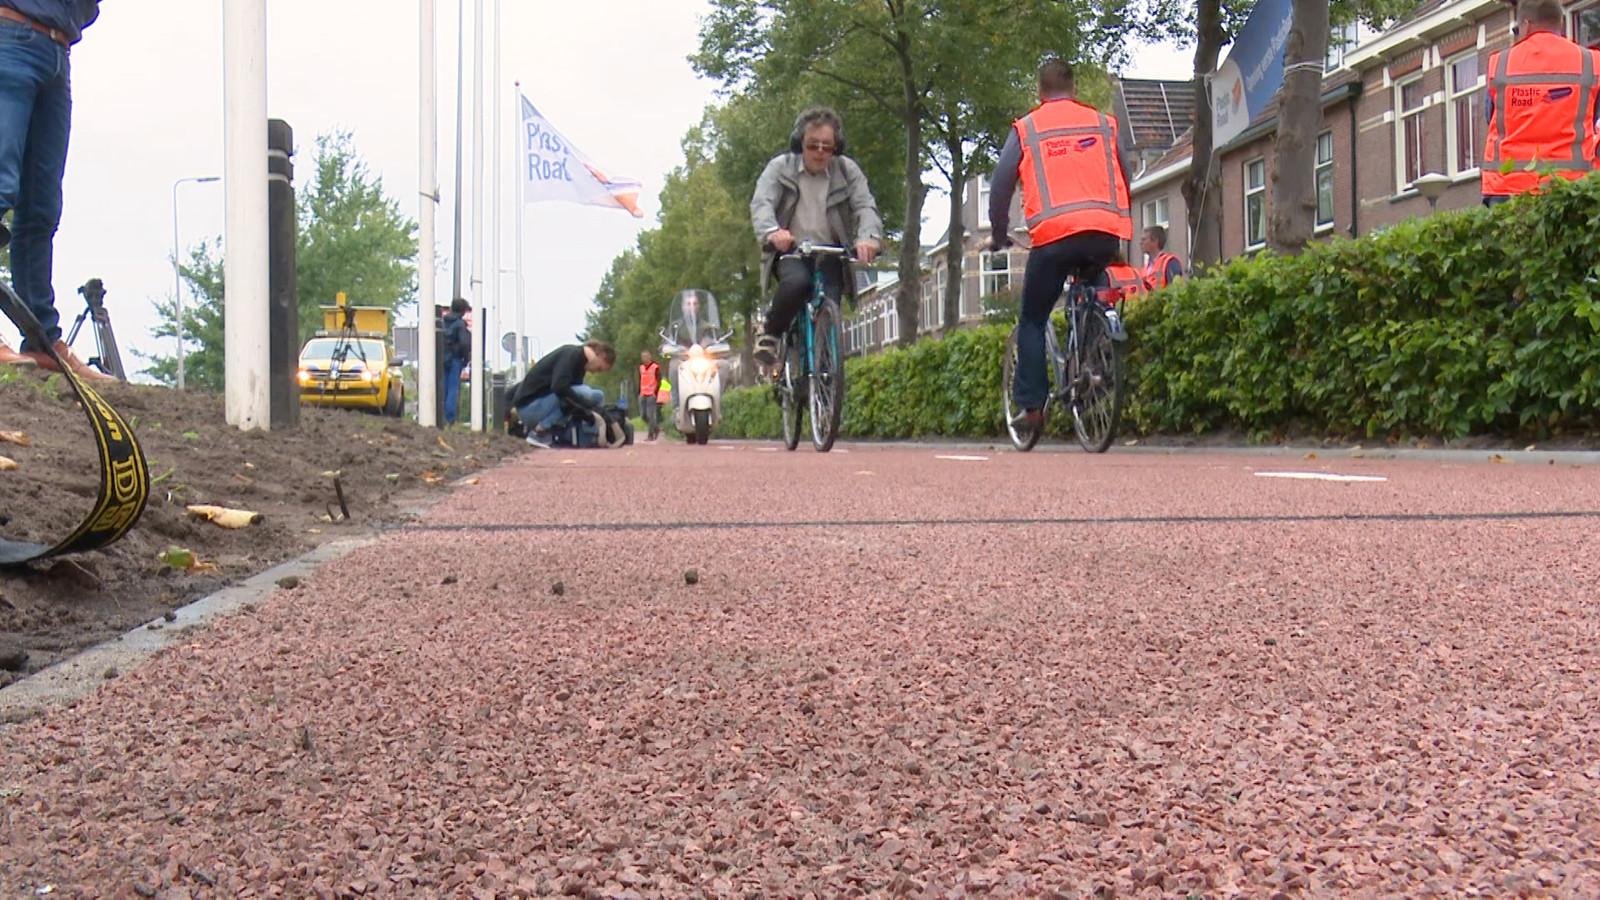 In Zwolle is het eerste fietspad gemaakt van gerecycled plastic.